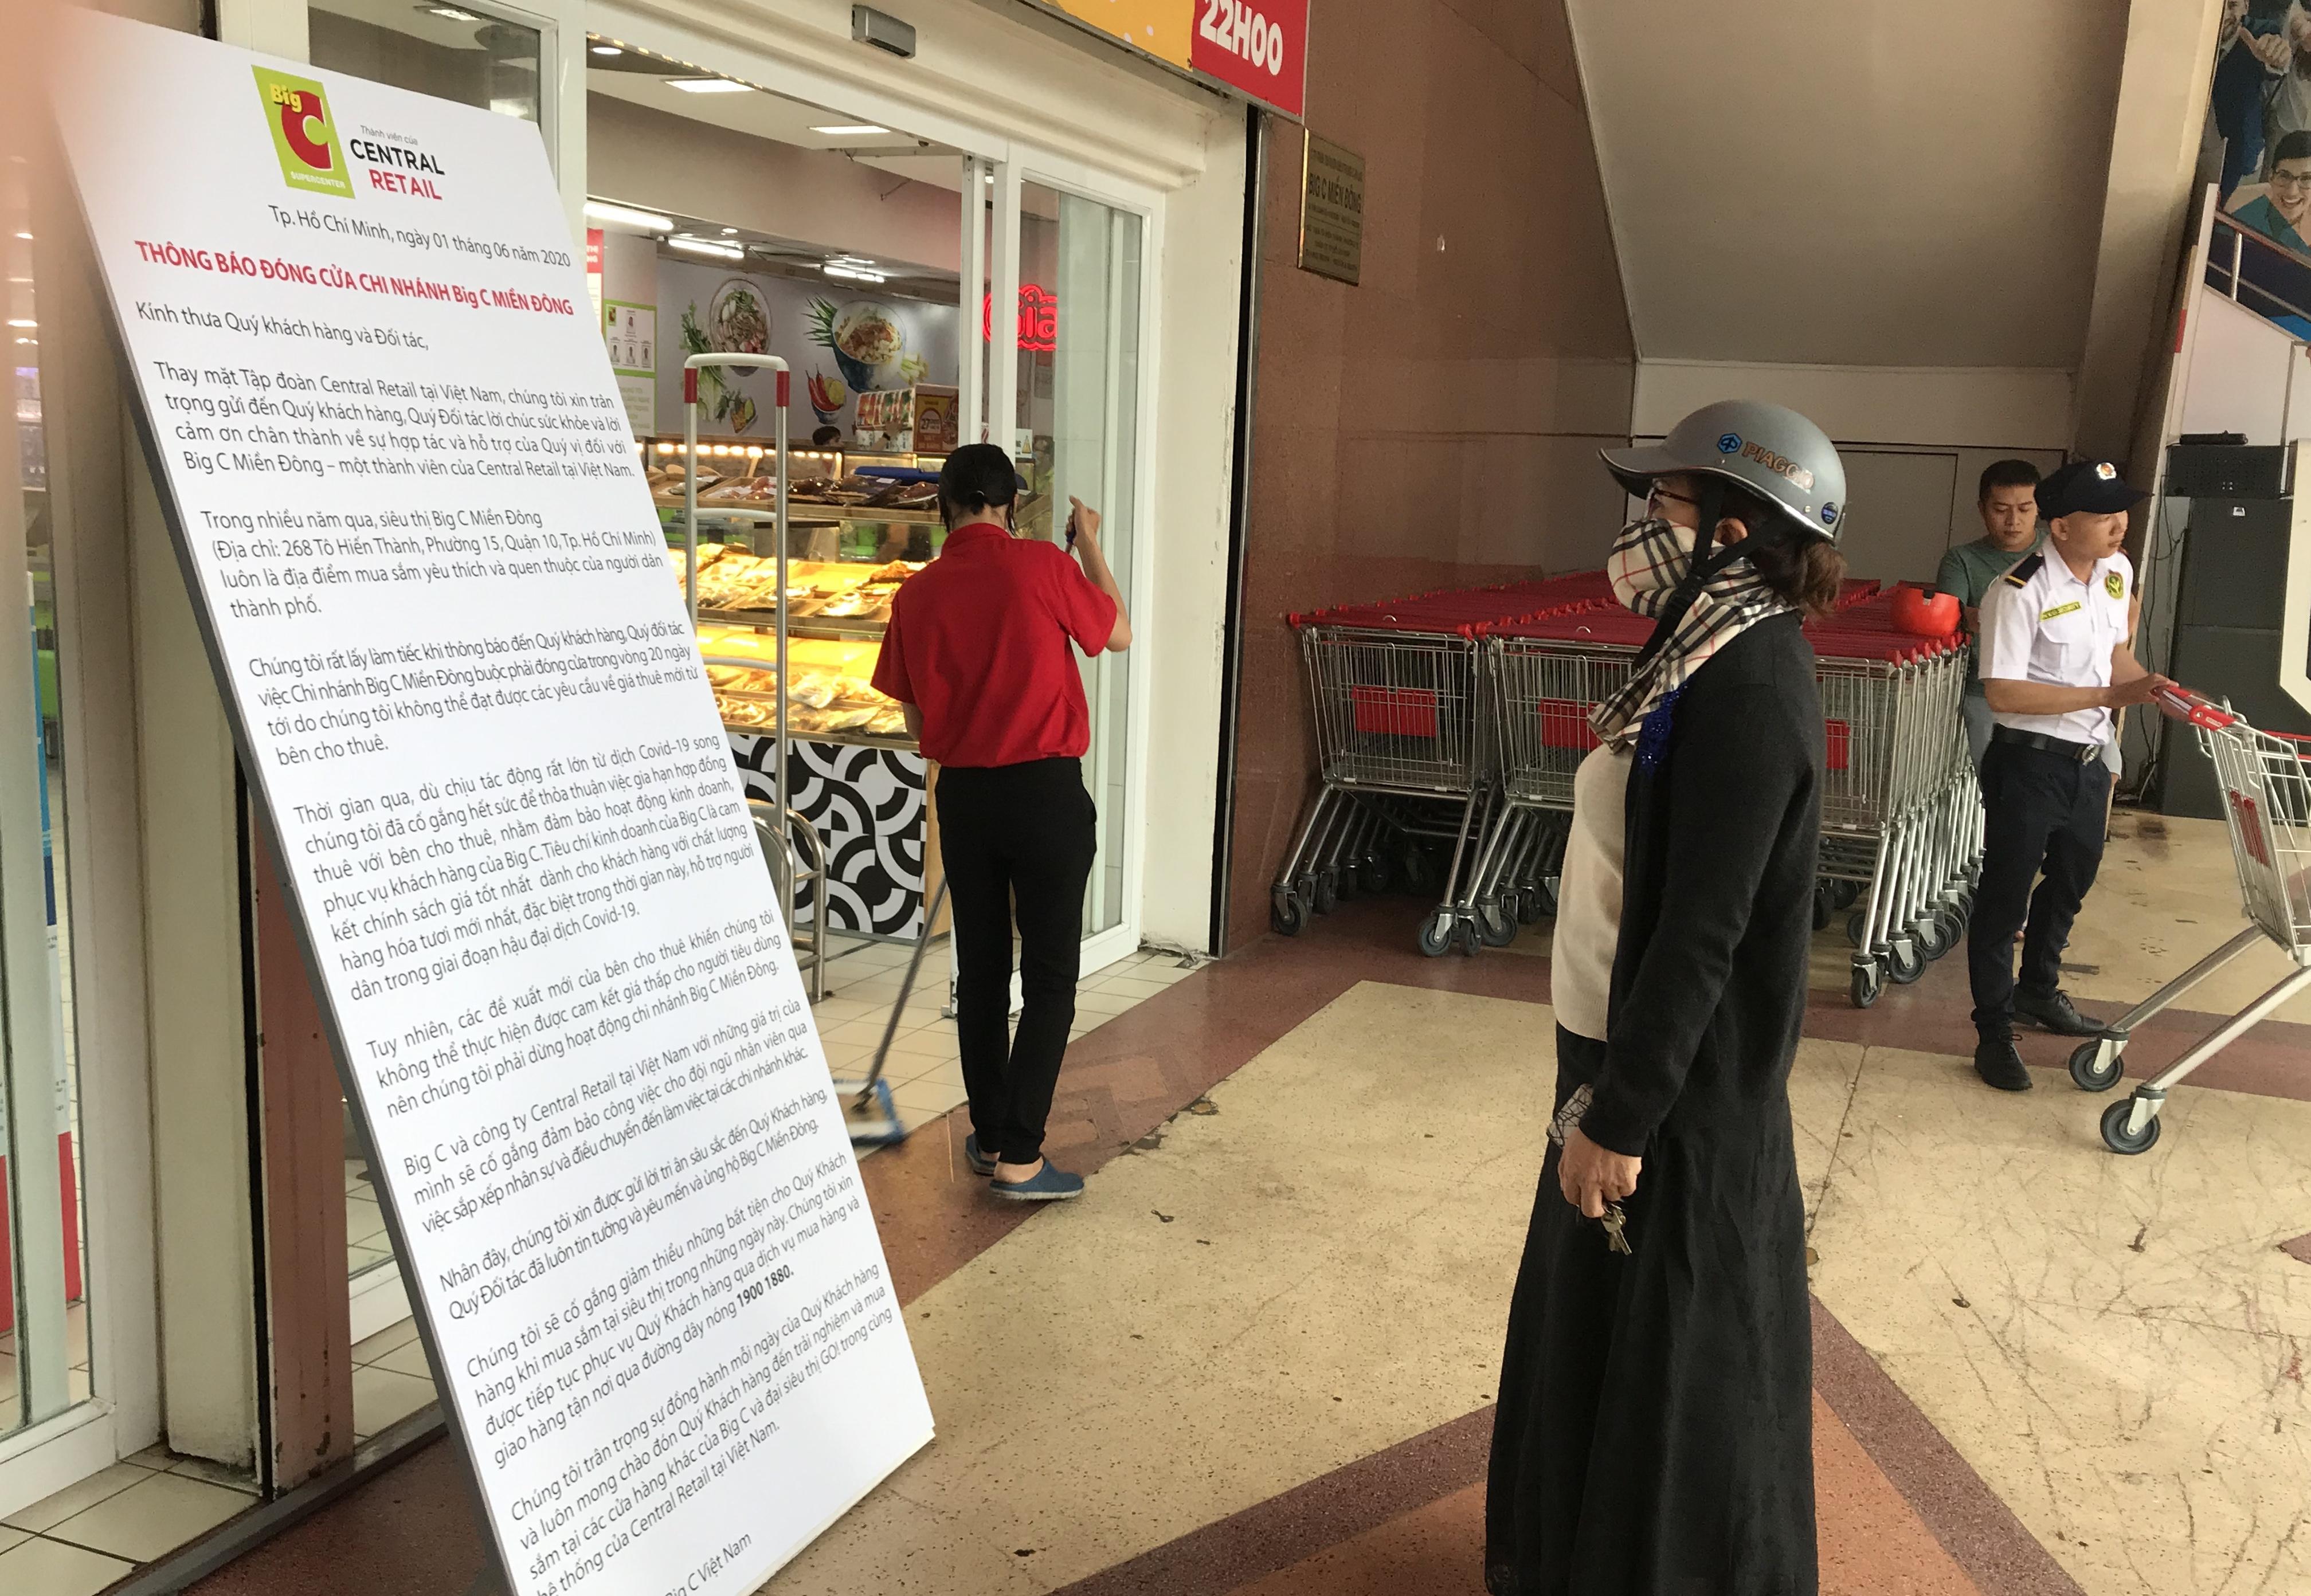 Big C miền Đông bất ngờ thông báo đóng cửa, người tiêu dùng sững sờ, siêu thị vắng lặng chiều nay - Ảnh 14.